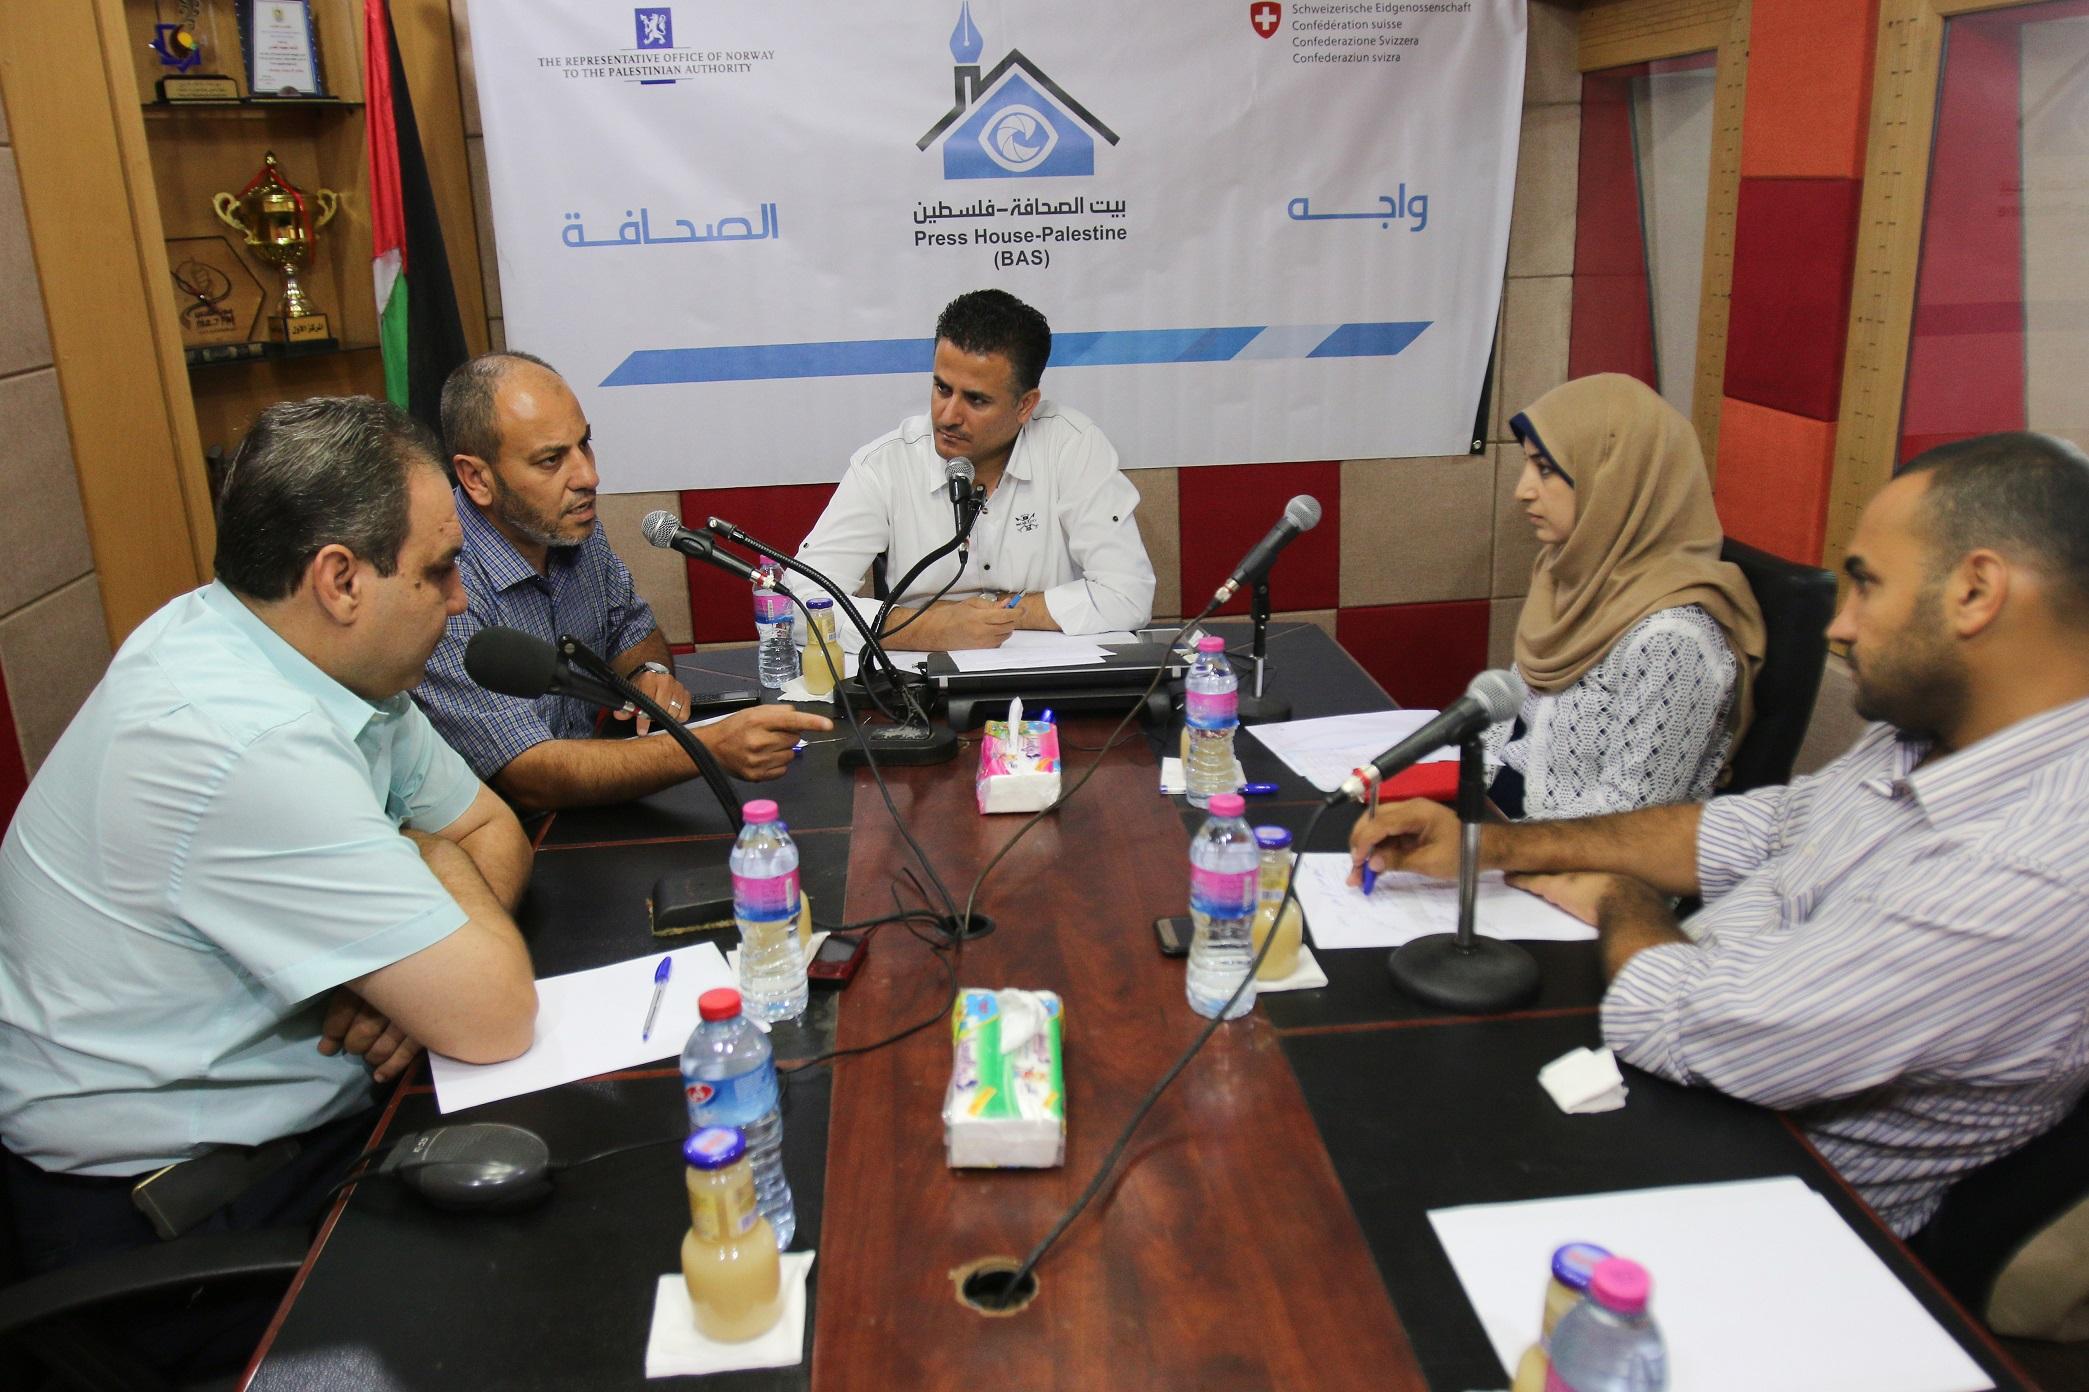 عبر إذاعة القدس ..بيت الصحافة تنظم لقاء واجه الصحافة بعنوان 'الاقتصاد والمطاعم' بغزة على الهواء مباشرة